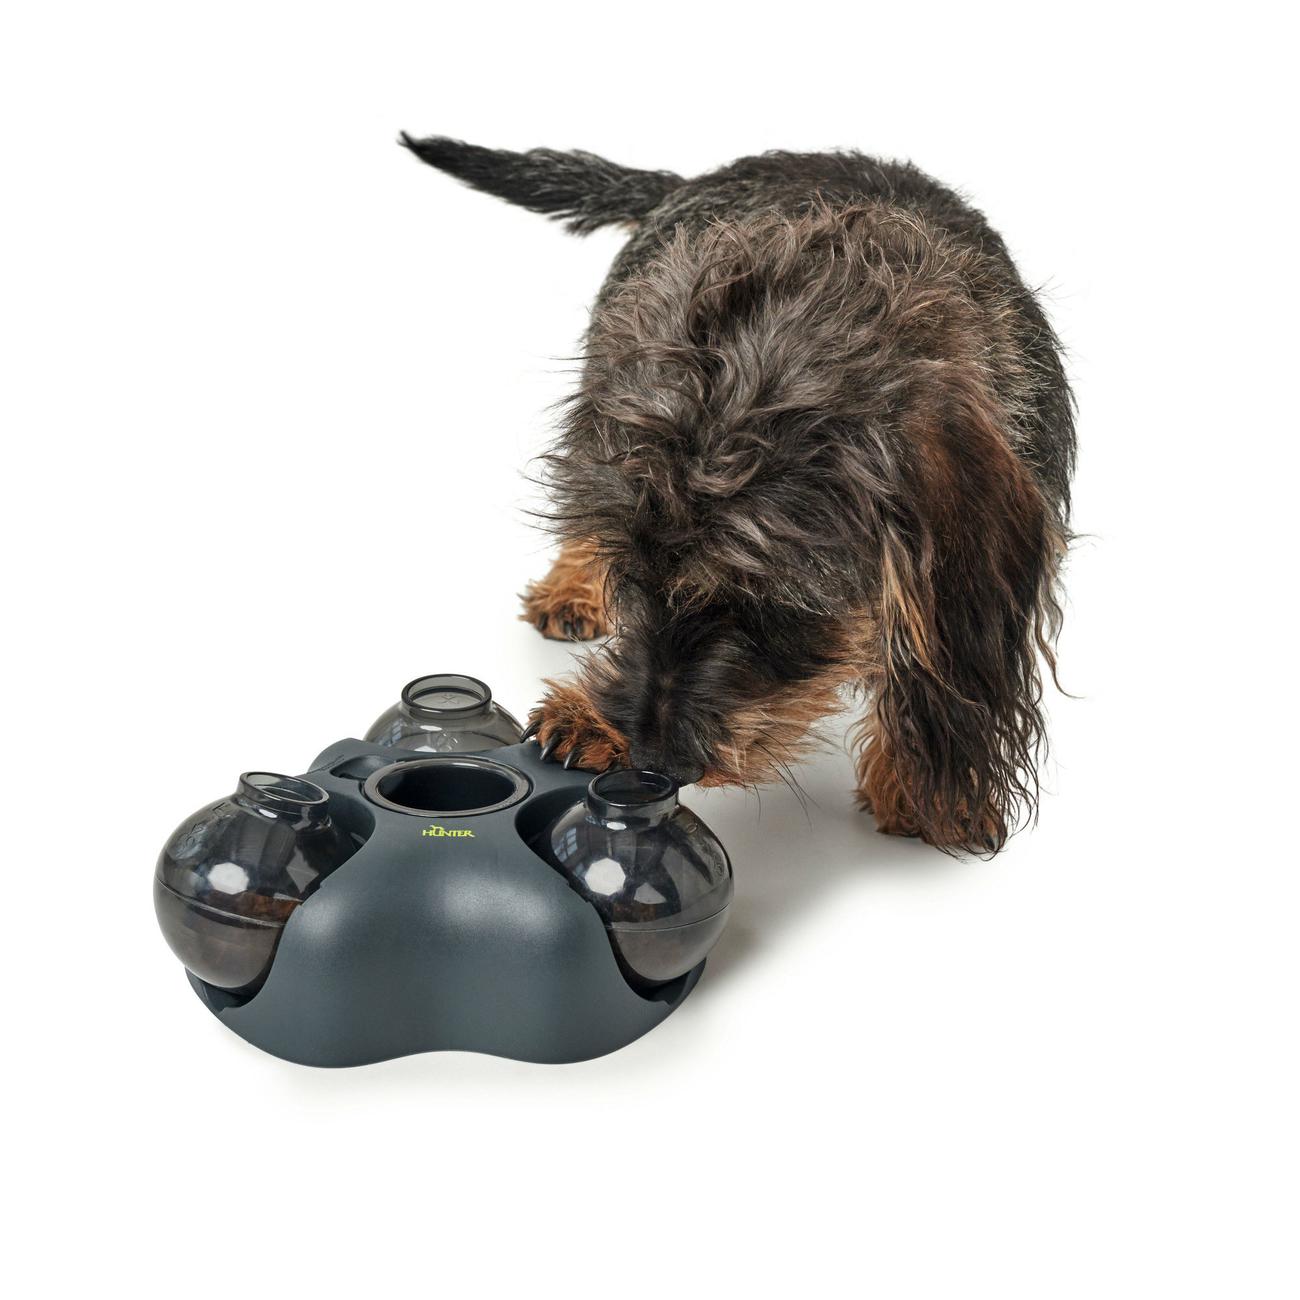 Hunter Intelligenzspielzeug für Hunde und Katzen Kem 65911, Bild 10